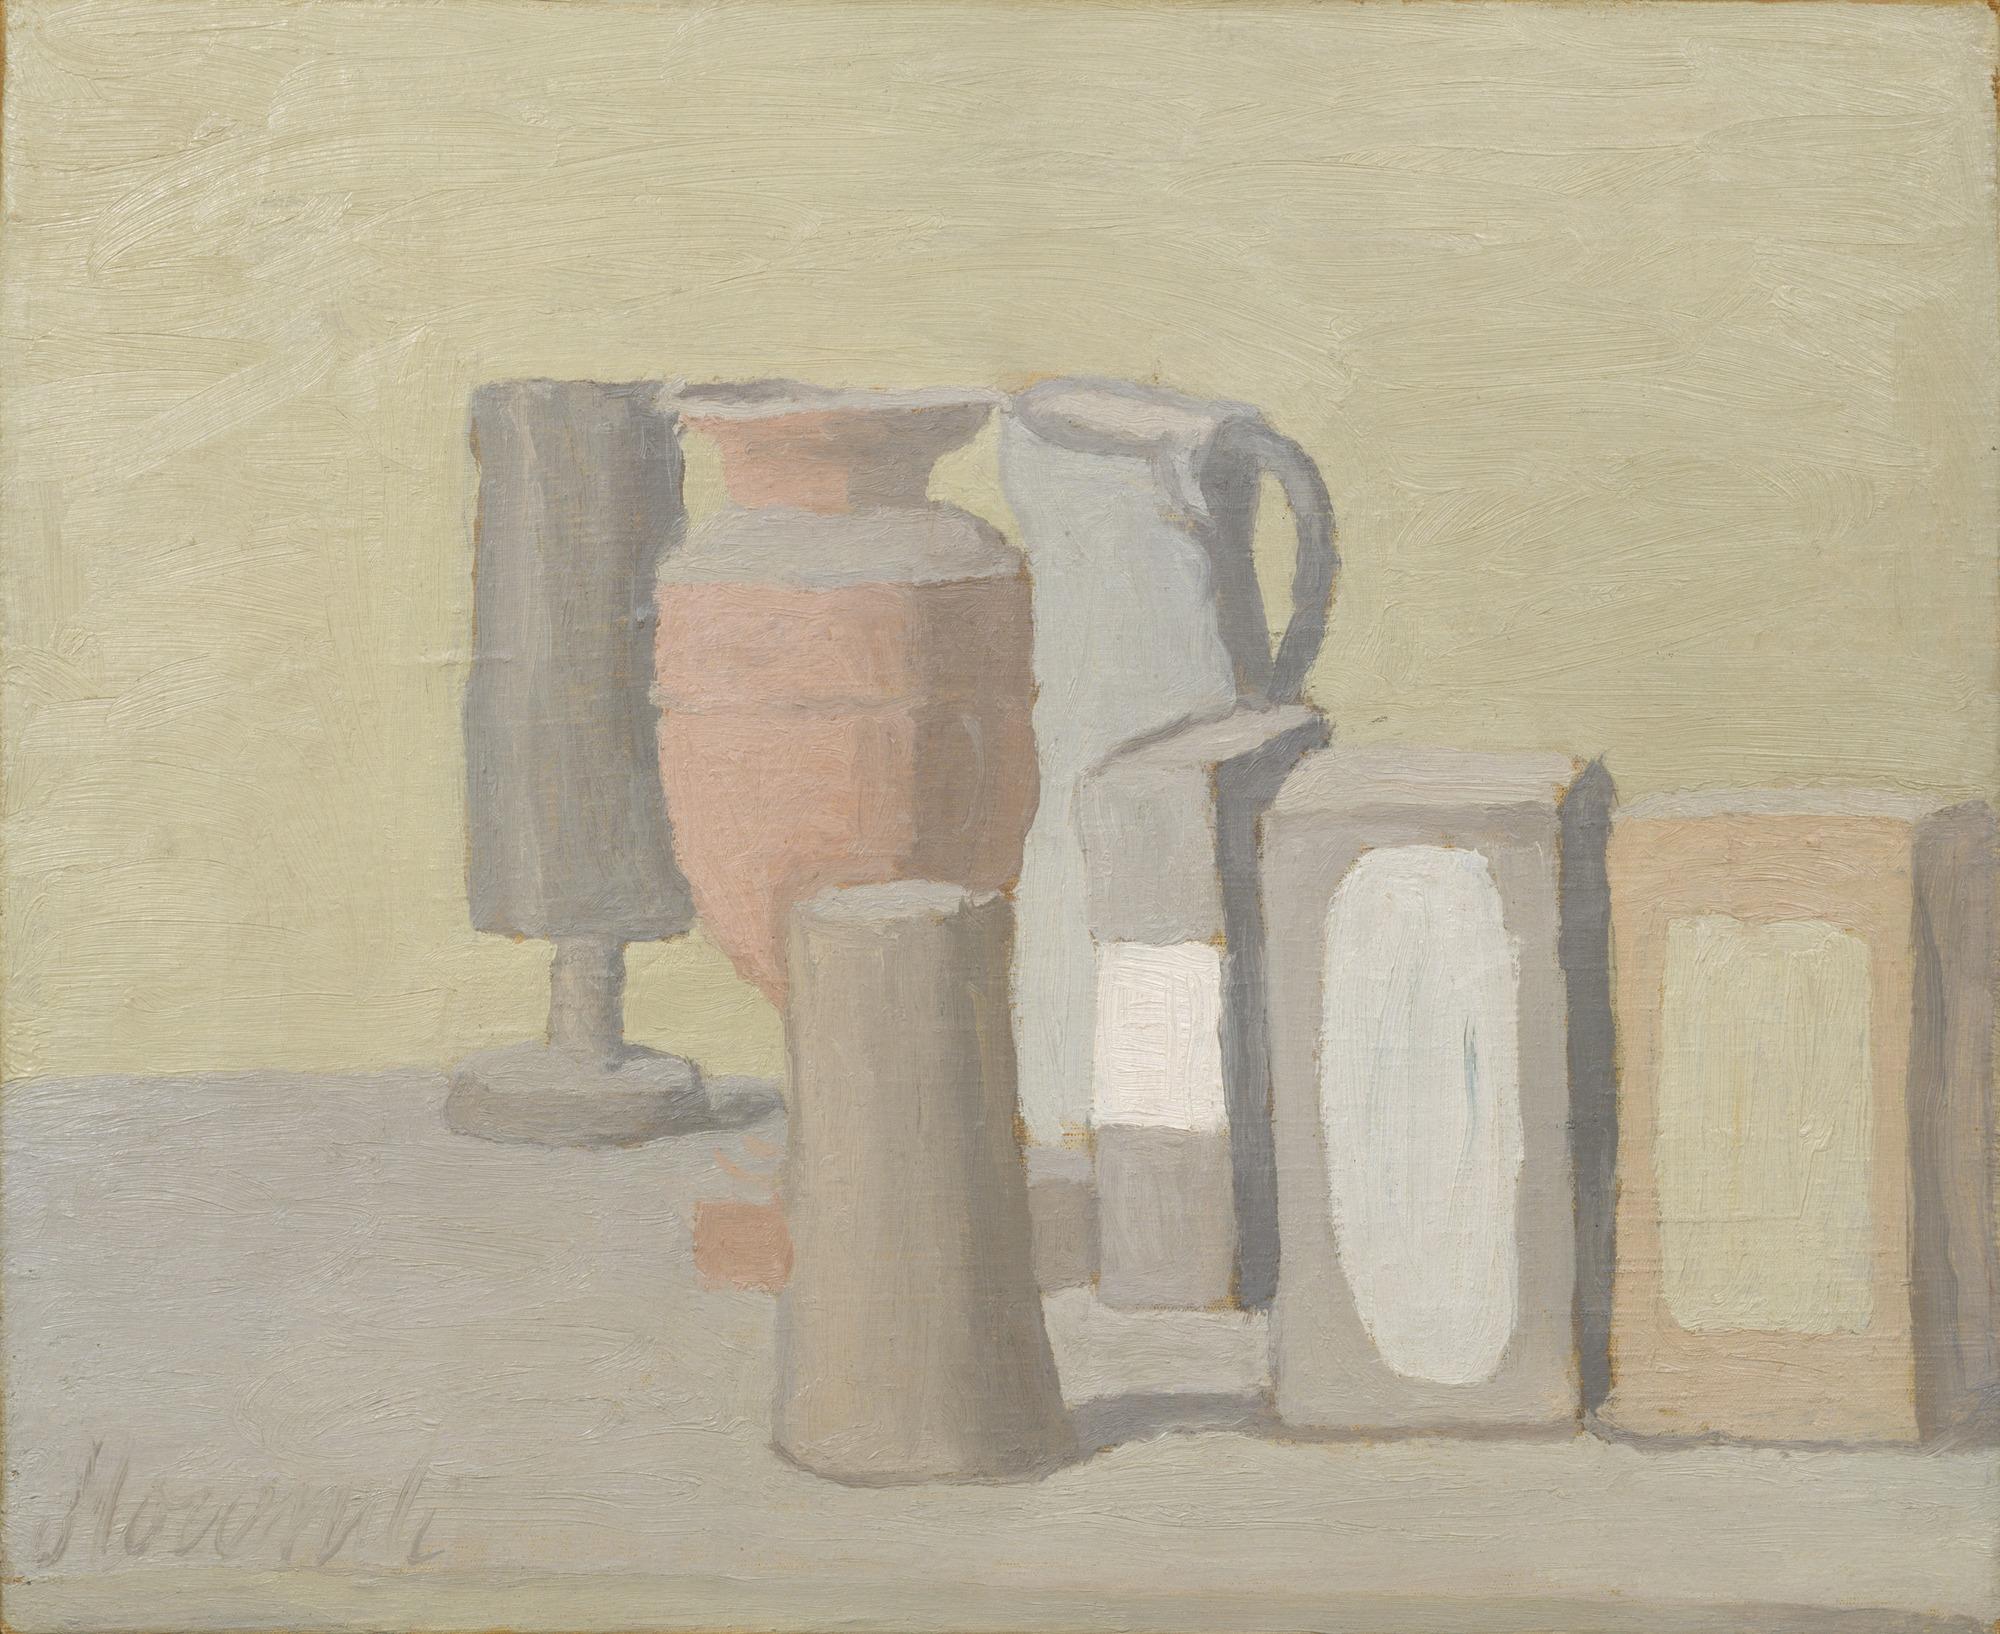 Giorgio Morandi, Natura morta, 1949